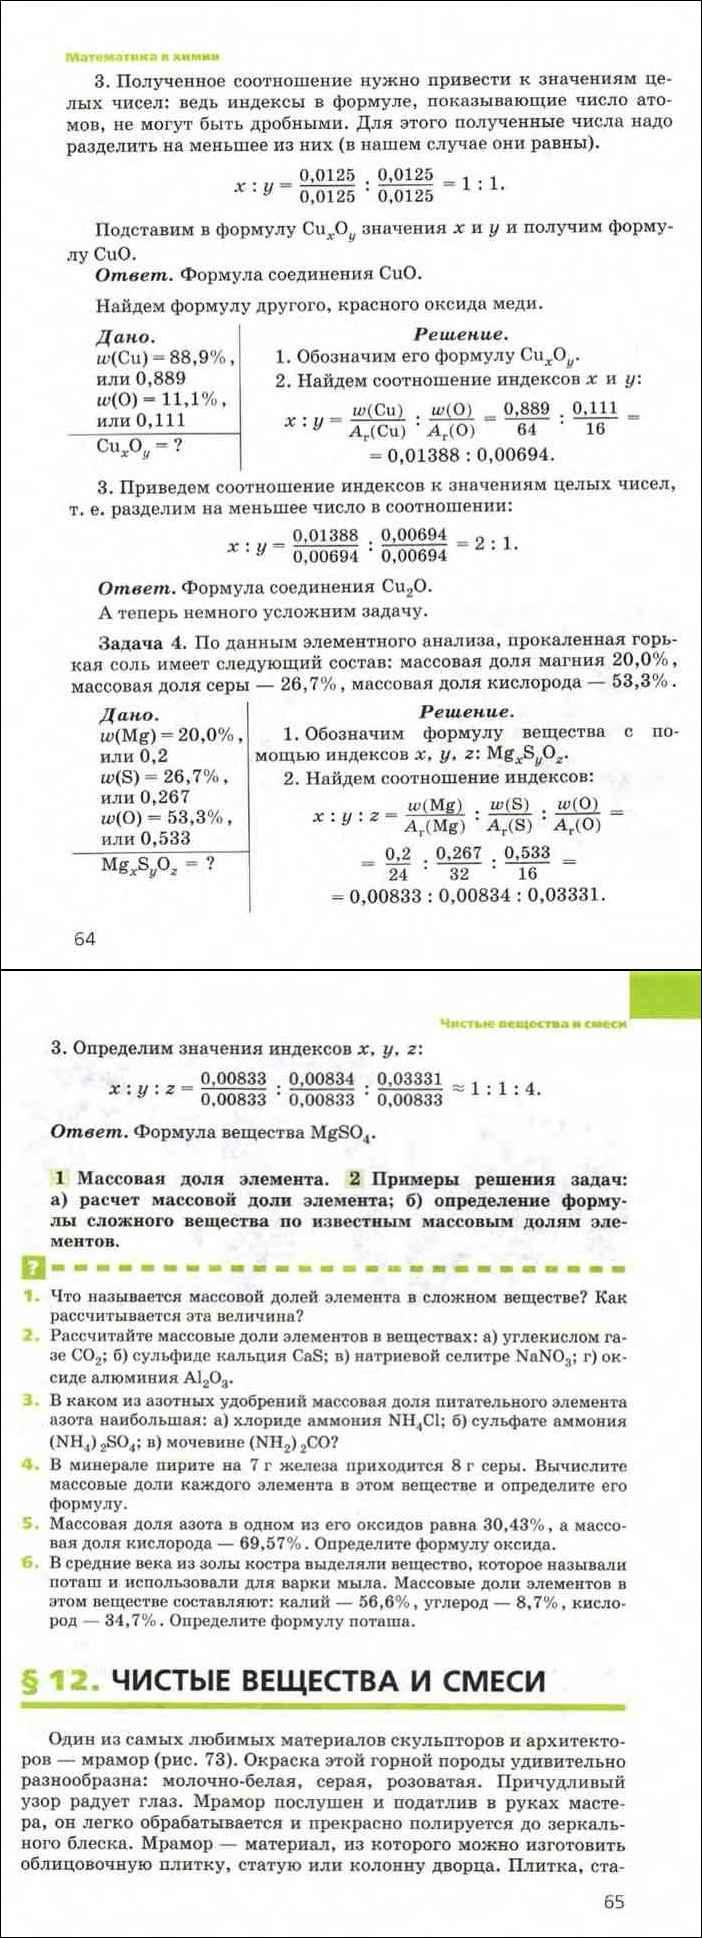 Решение задач по химии онлайн 7 класс физика 7 класс задачи с решением кпд